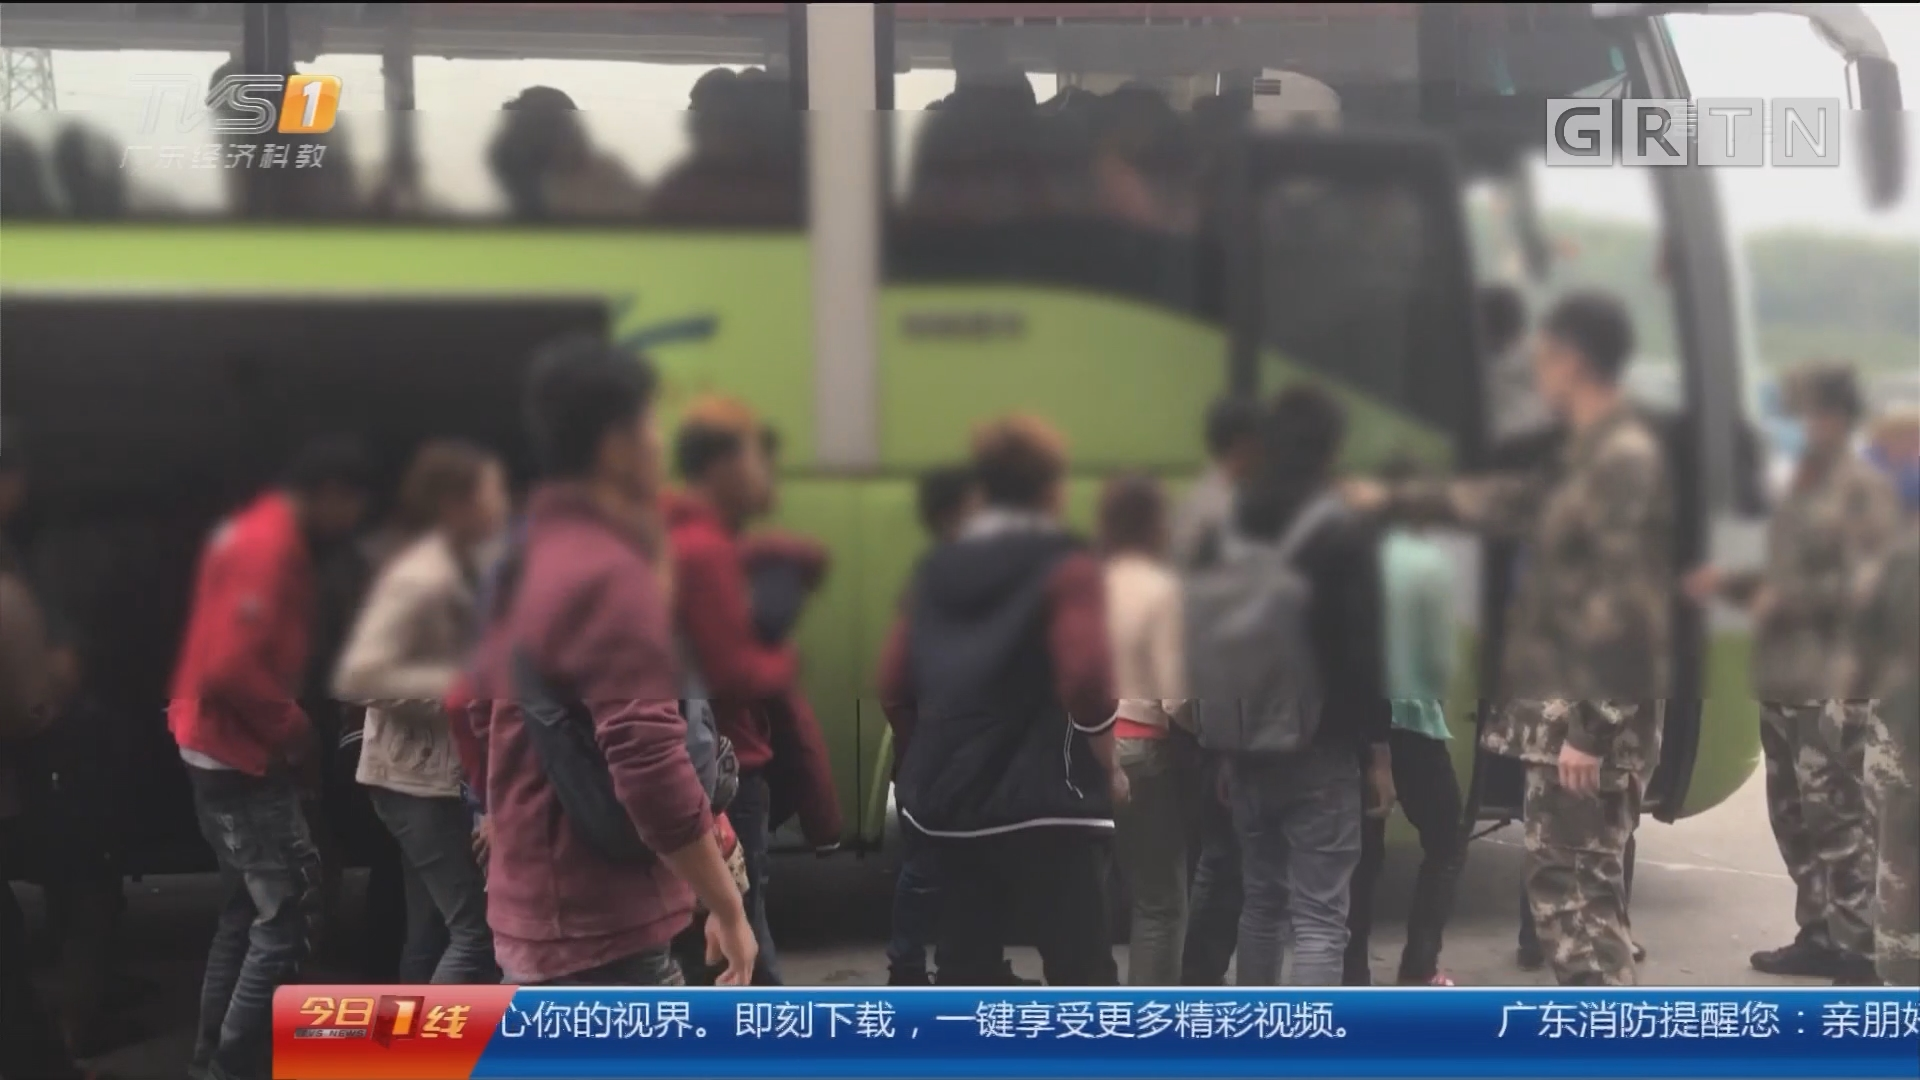 东莞边防严厉打击偷渡违法犯罪:连破3宗外籍人员偷渡案 抓获62名偷渡客